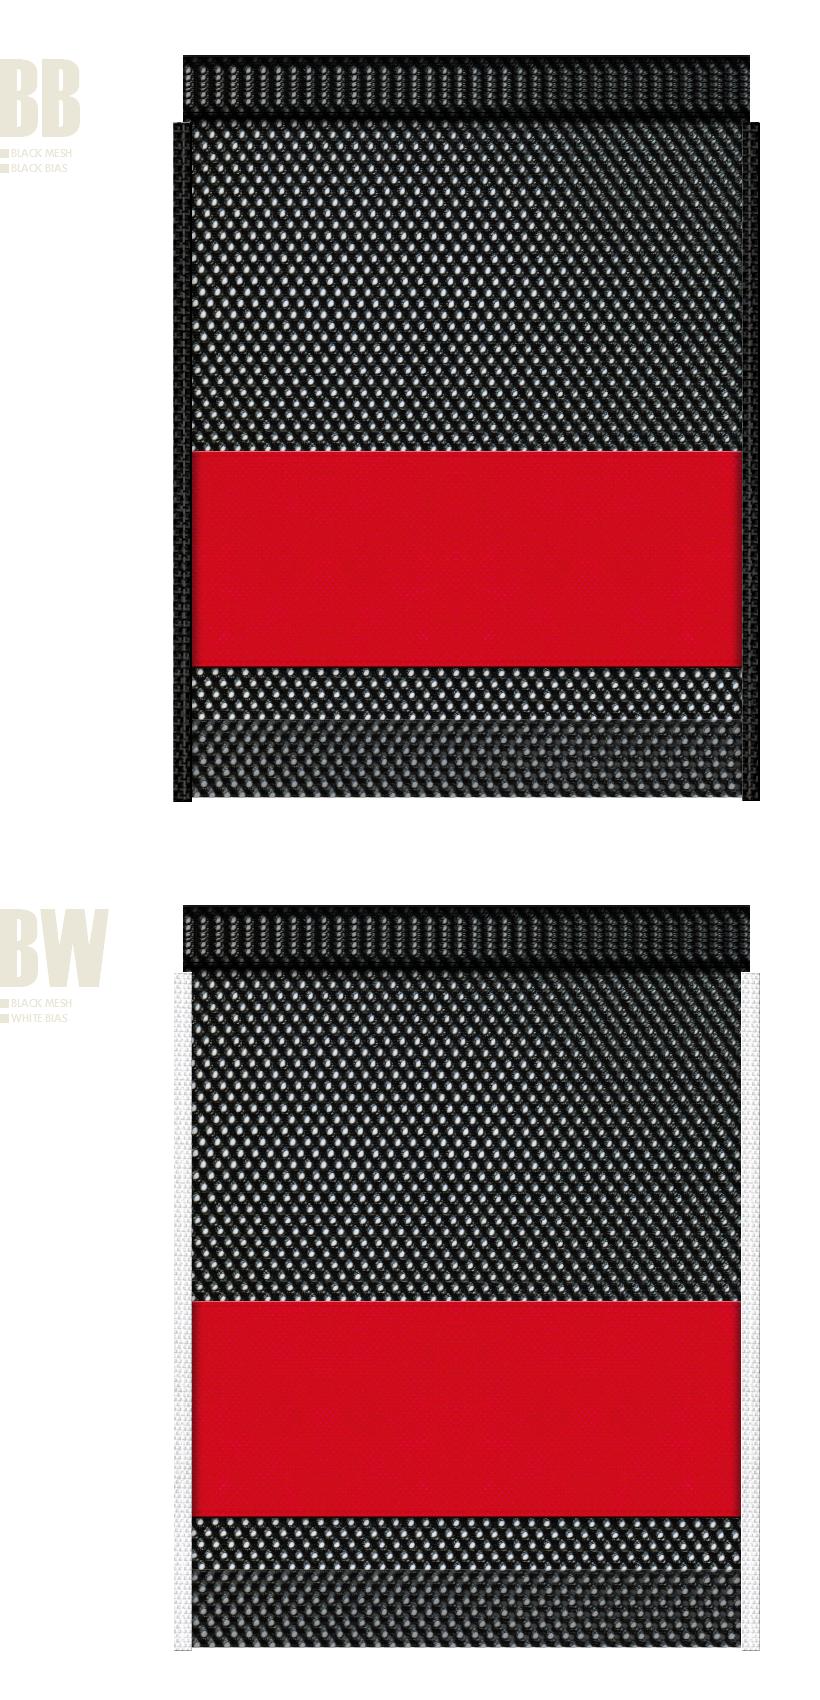 黒色メッシュと紅色不織布のメッシュバッグカラーシミュレーション:キャンプ用品・アウトドア用品・スポーツ用品・シューズバッグにお奨め